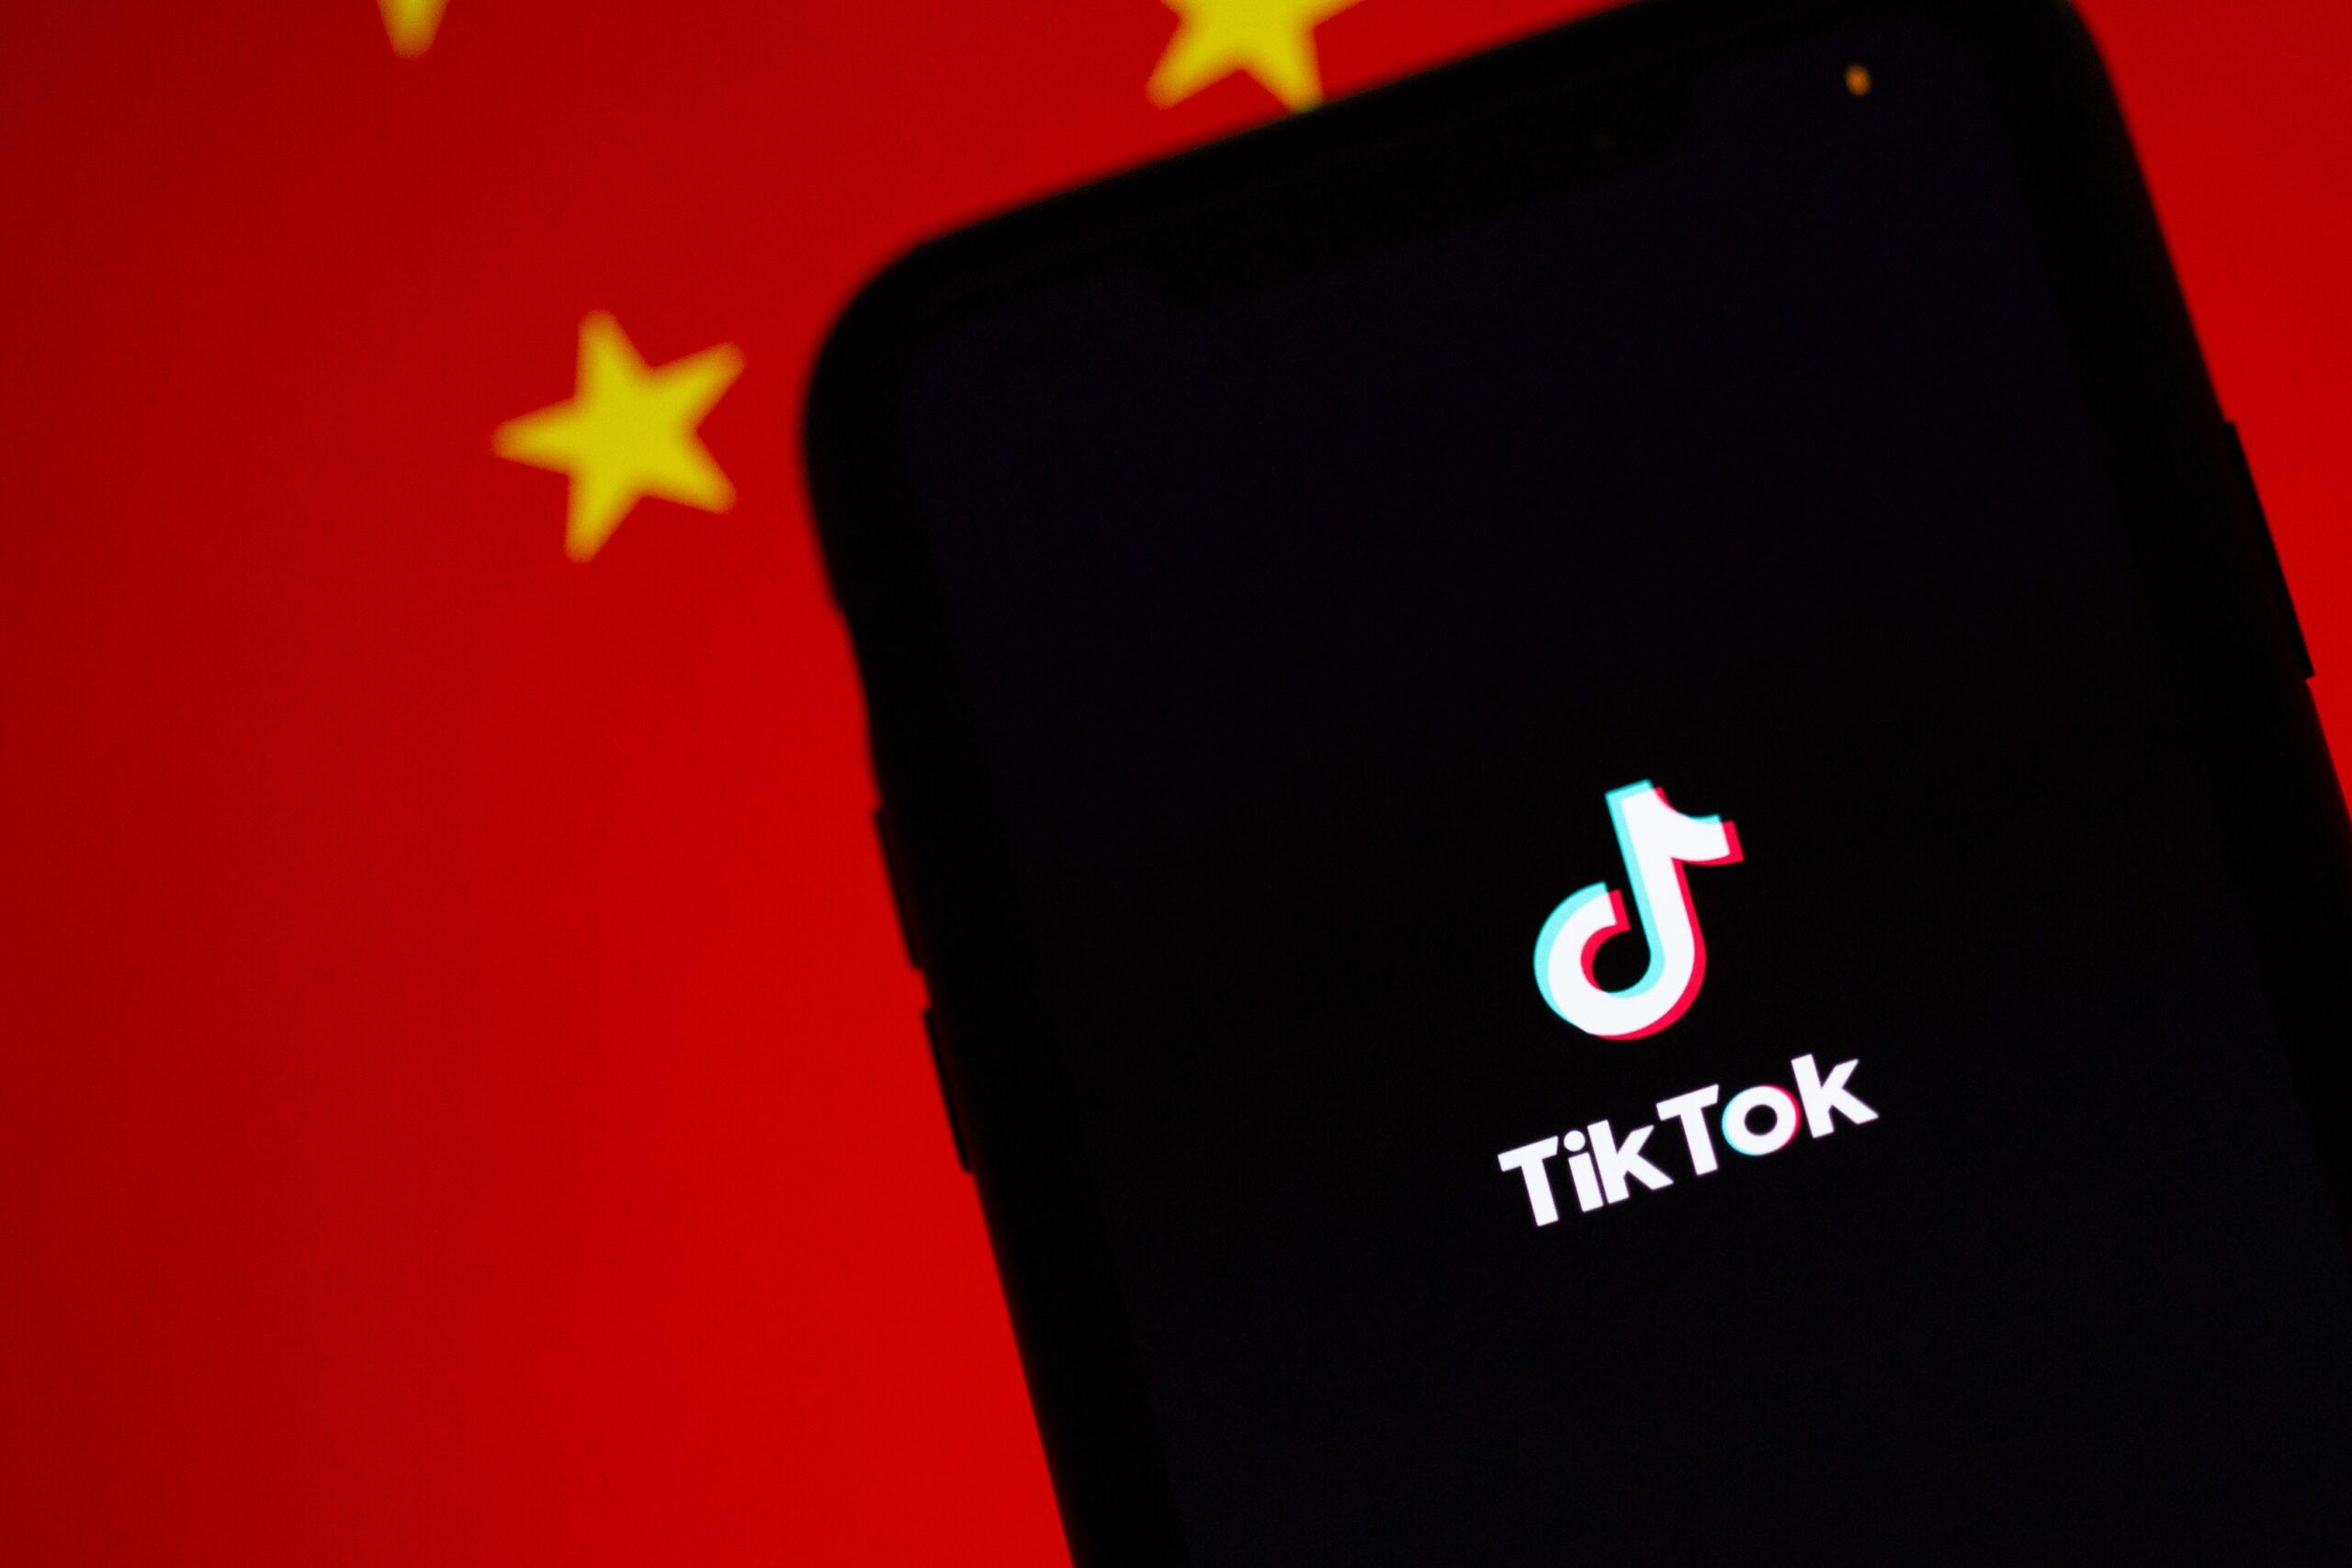 Móvil con Tik Tok y bandera China